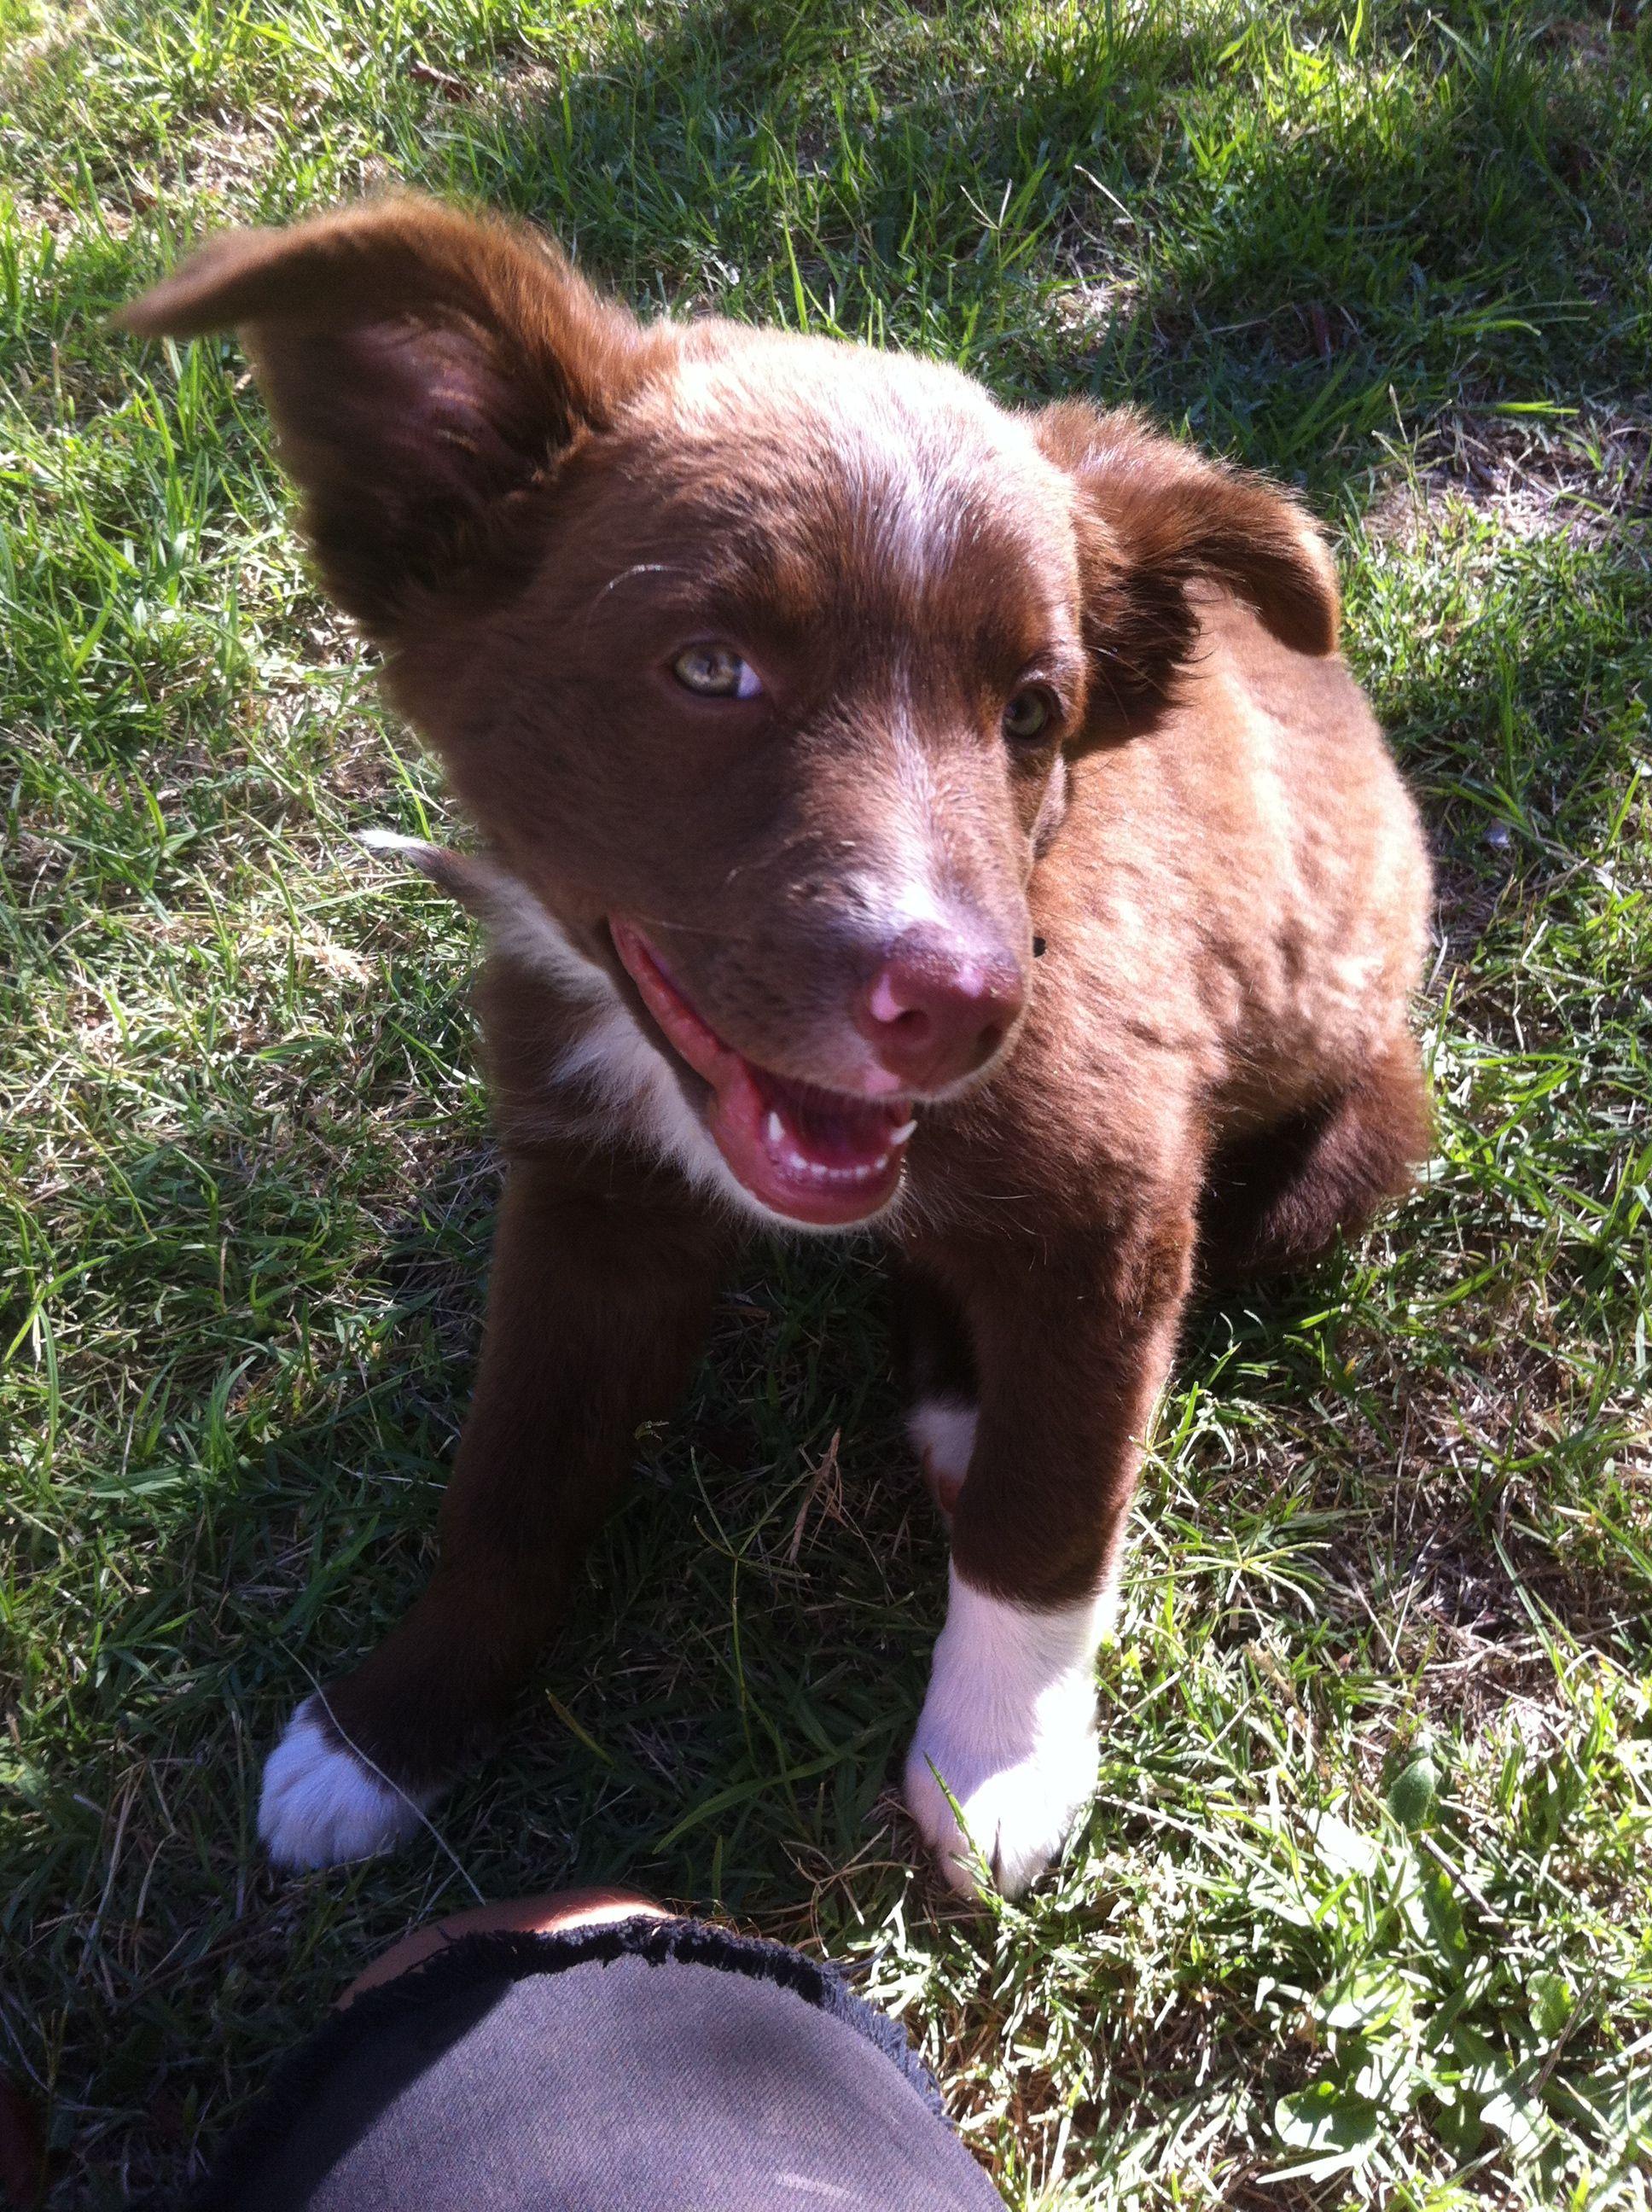 My new best mate. Charli dawg!!